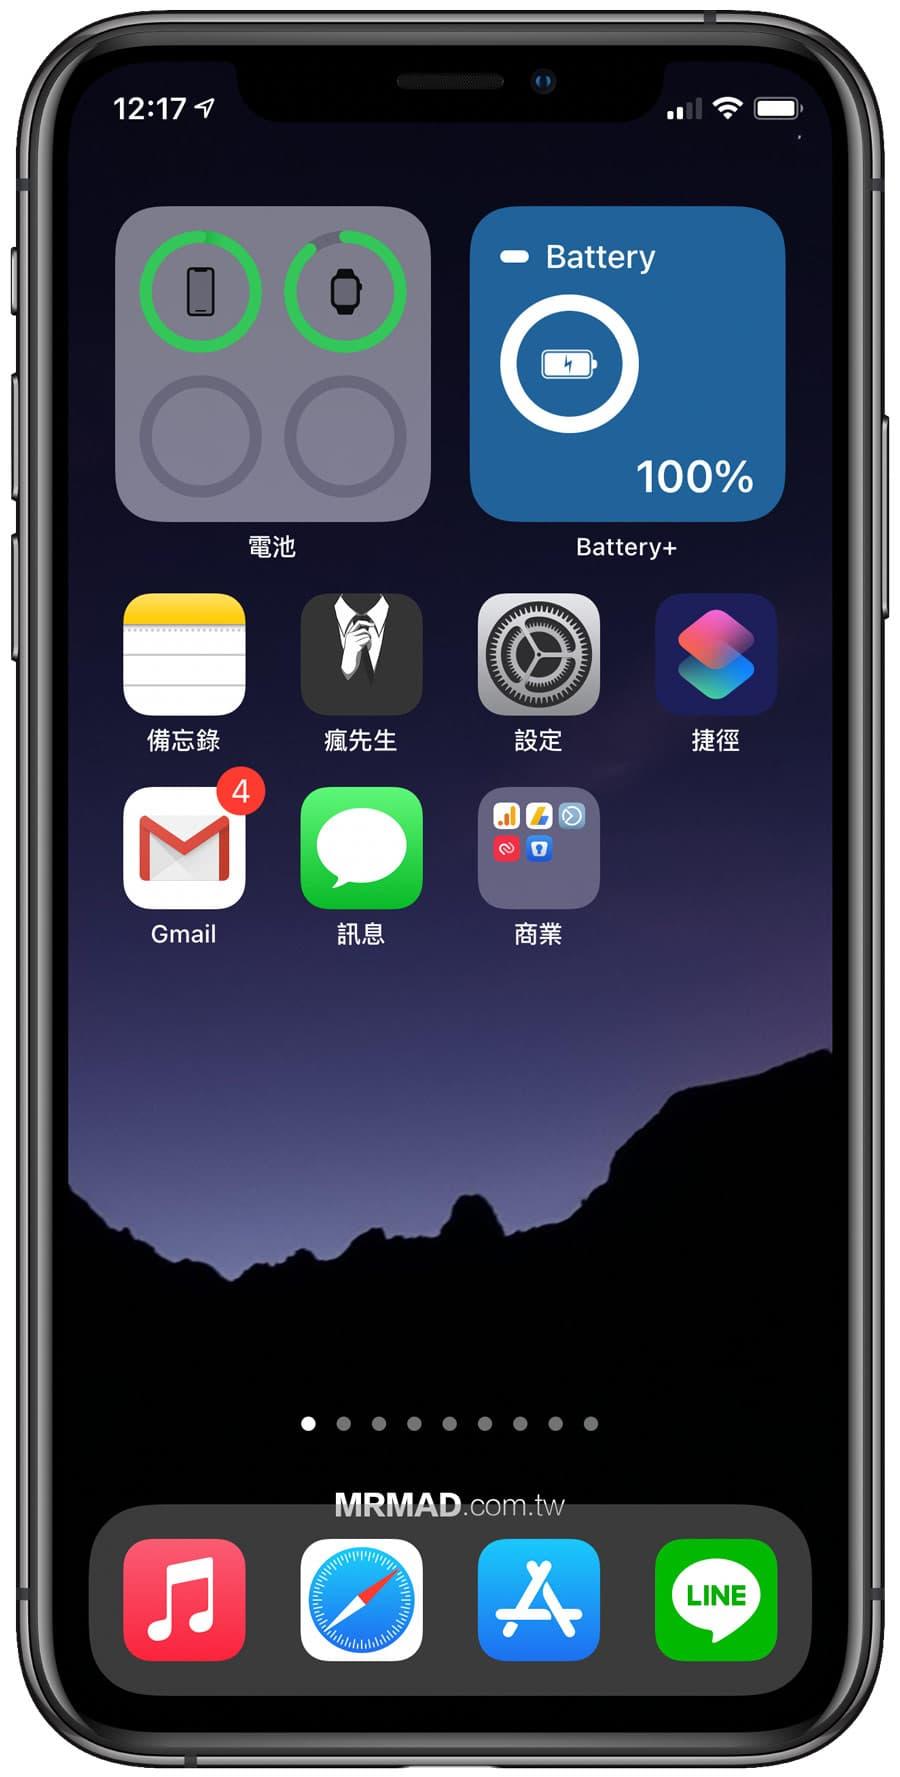 iPhone電量百分比怎麼顯示在主畫面?教你五招顯示技巧 - 瘋先生